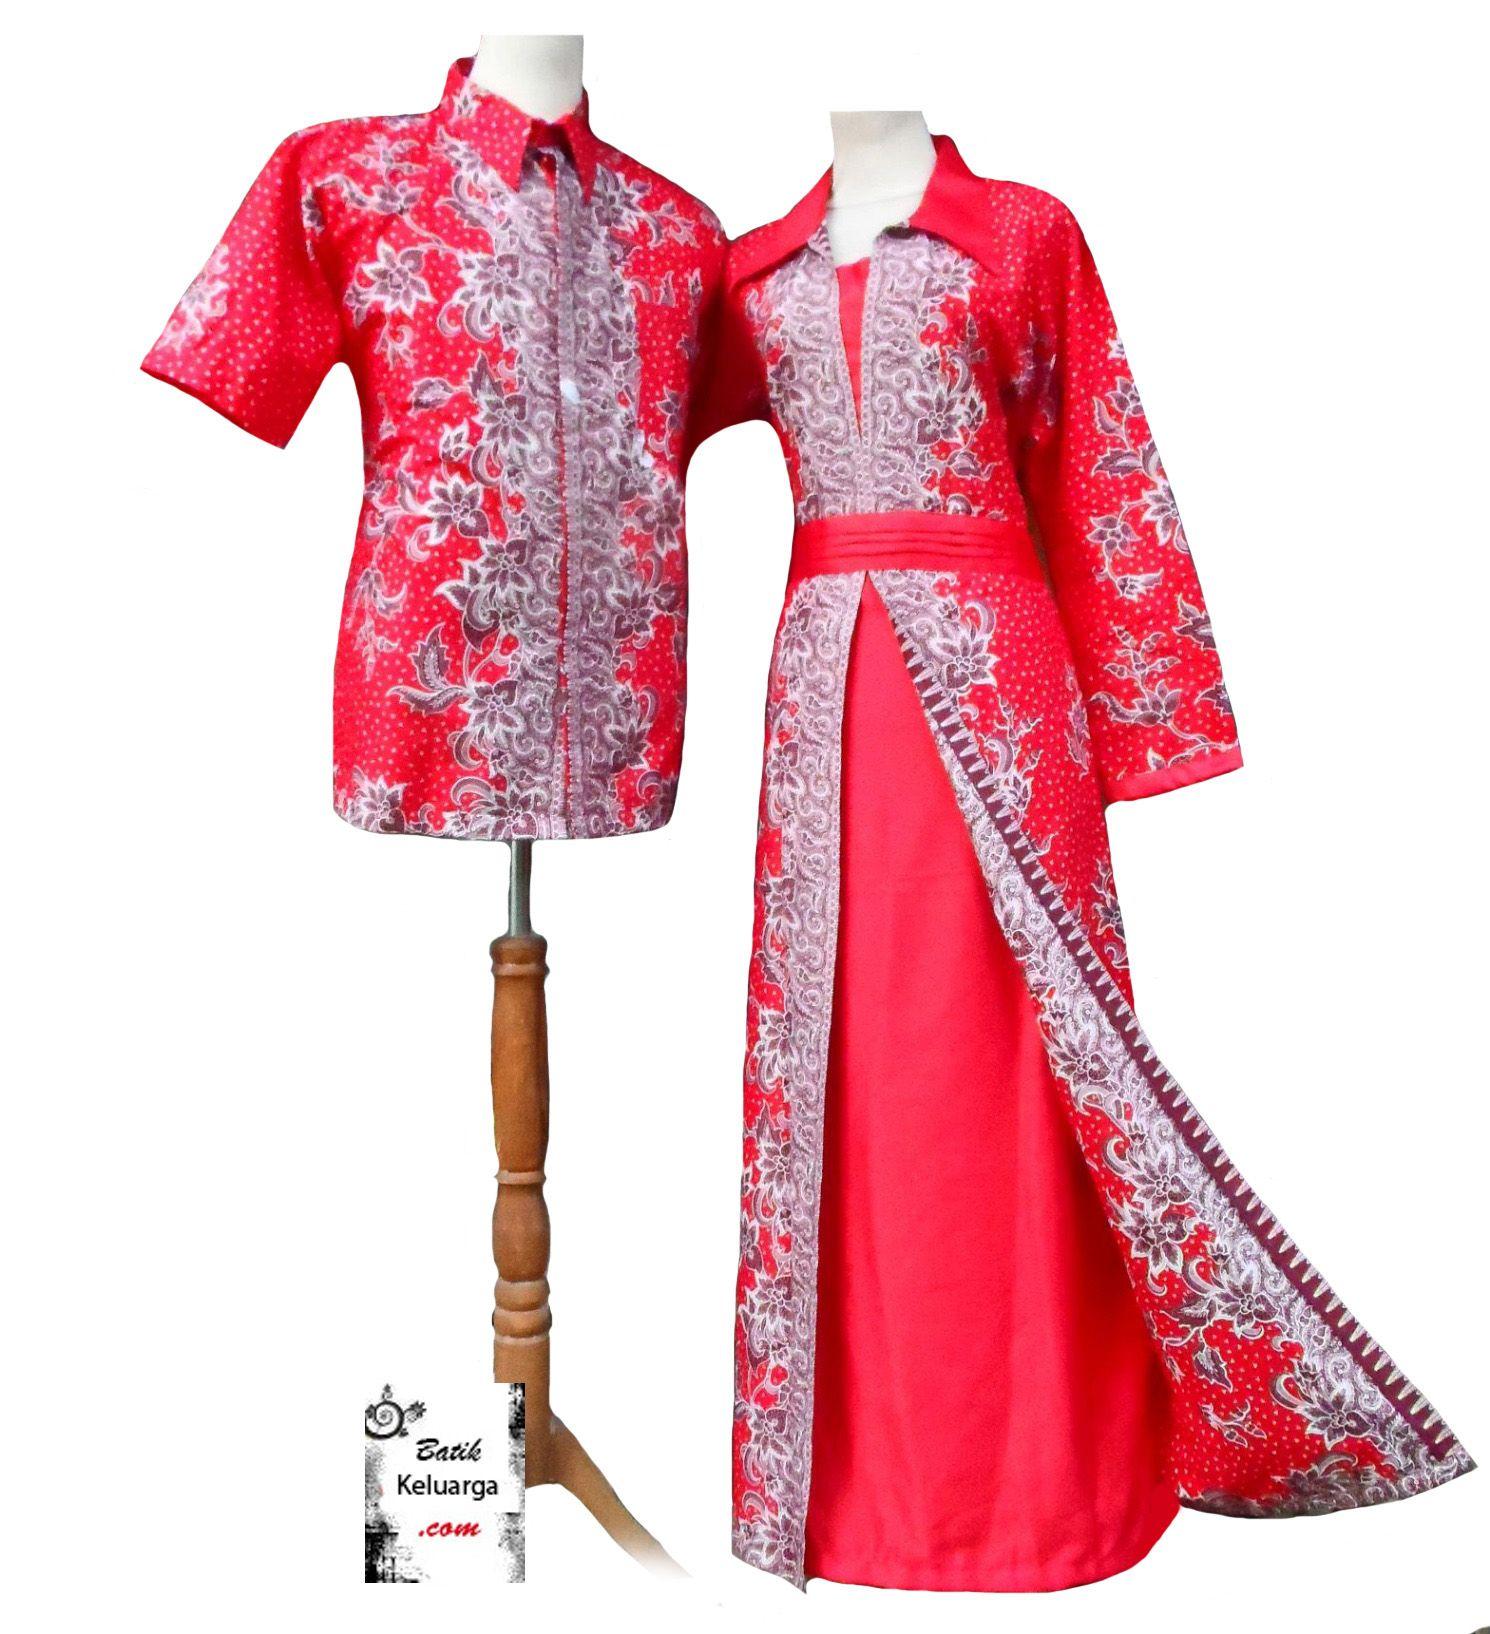 Baju Lebaran 2016 Batik Keluarga Pinterest Models